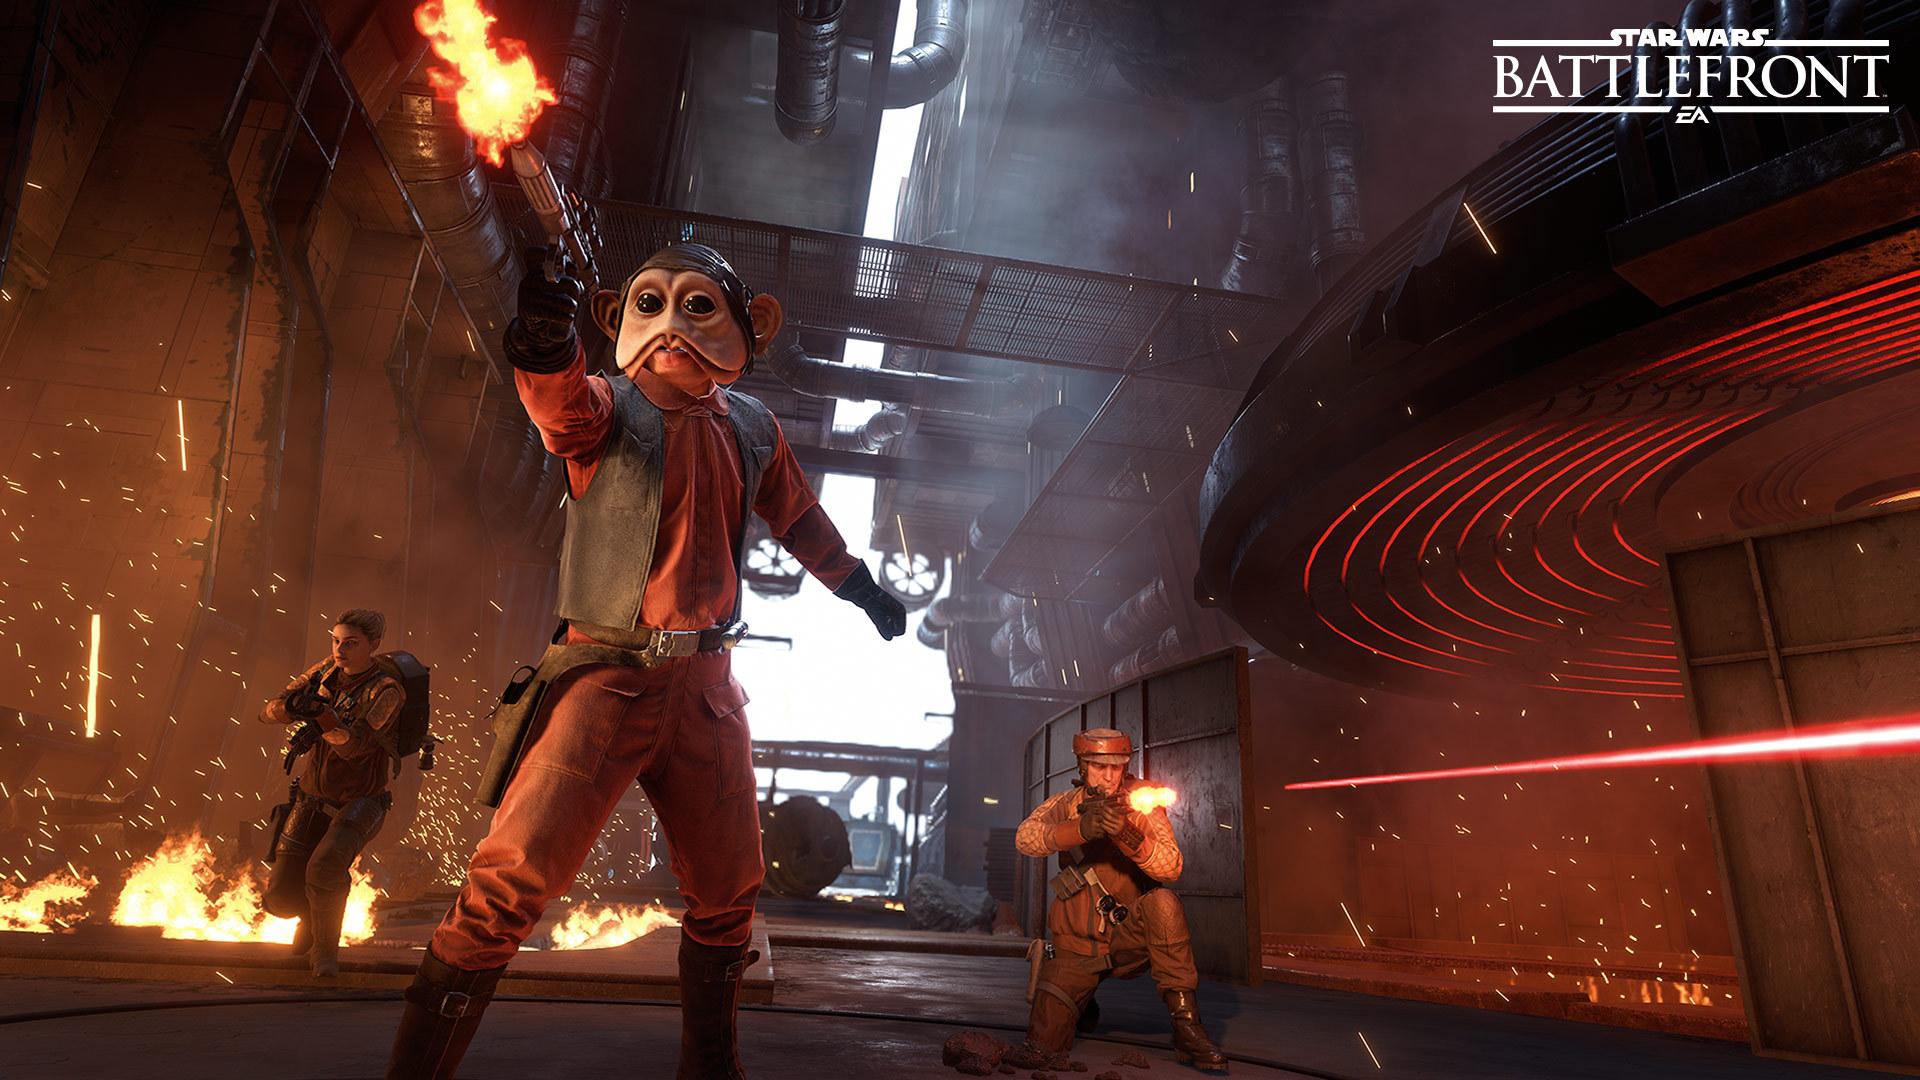 玩家反馈《星球大战:前线》内容少难沉迷